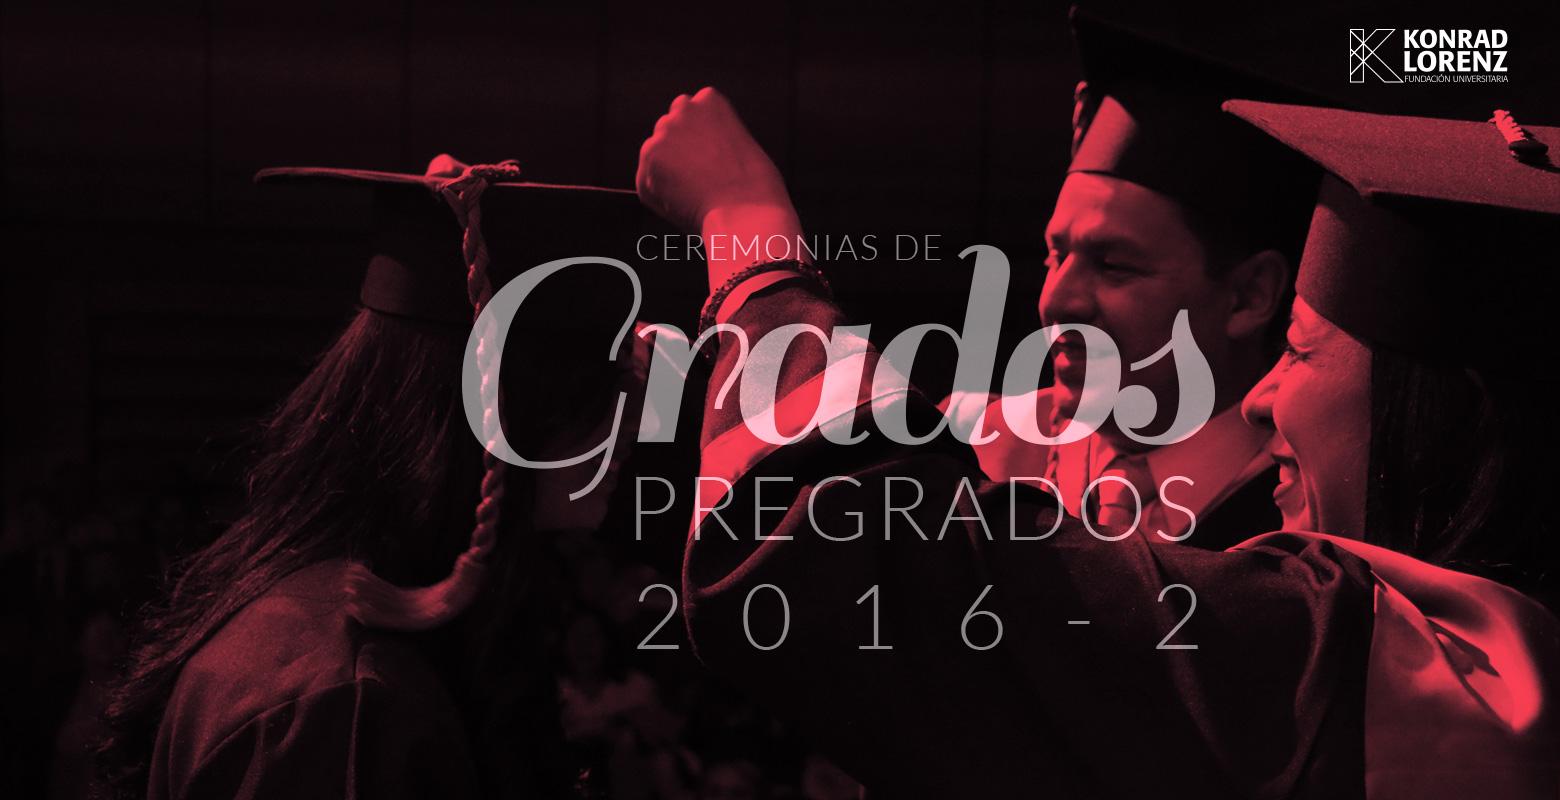 Ceremonias de Graduación Pregrados 2016-2